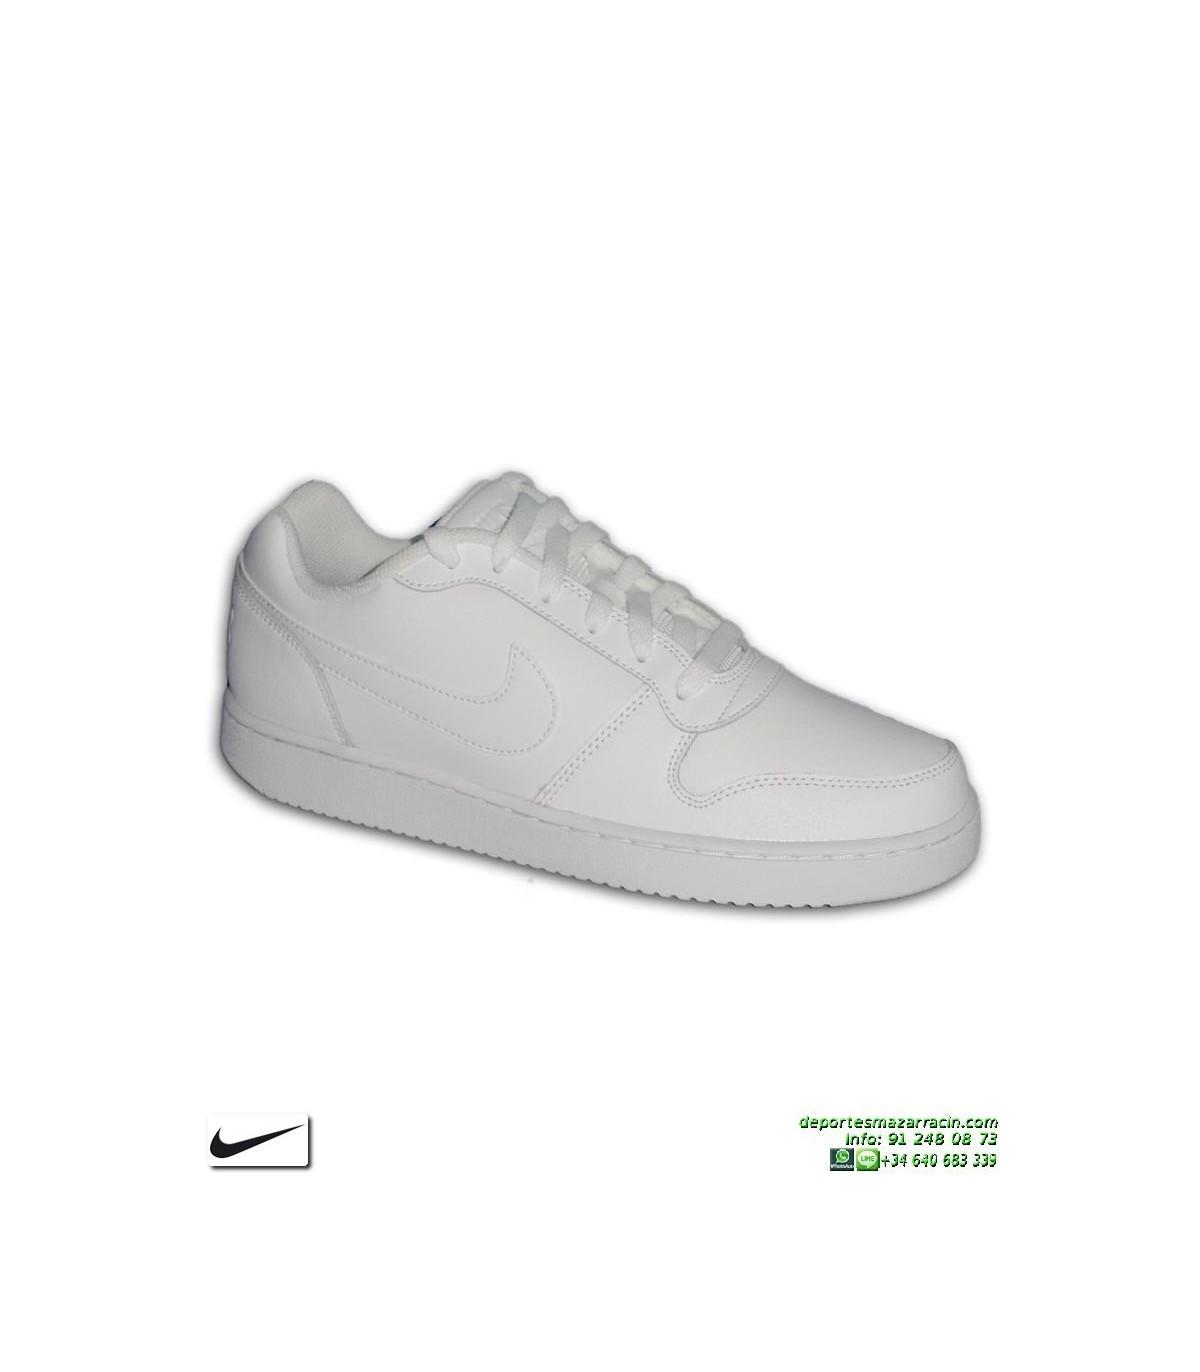 421deef6e Zapatilla Blanca Completa Nike EBERNON LOW AIR FORCE 1 deportiva ...